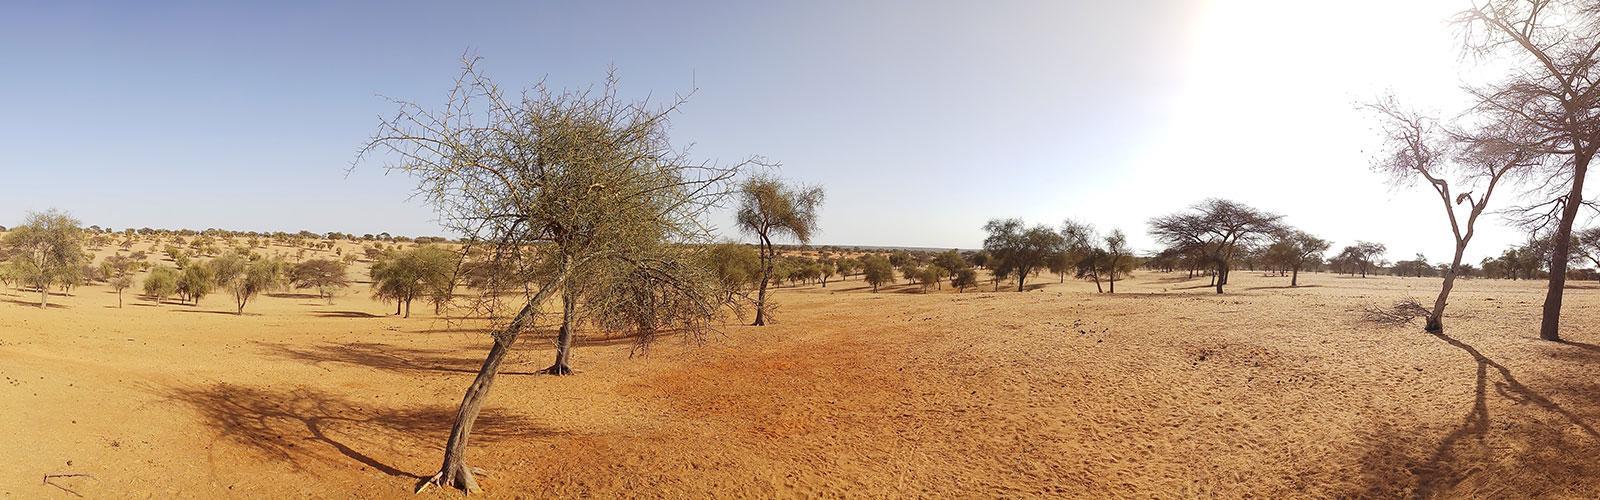 Zone sylvopastorale en saison sèche dans le Ferlo, Sénégal. © S. Taugourdau, Cirad